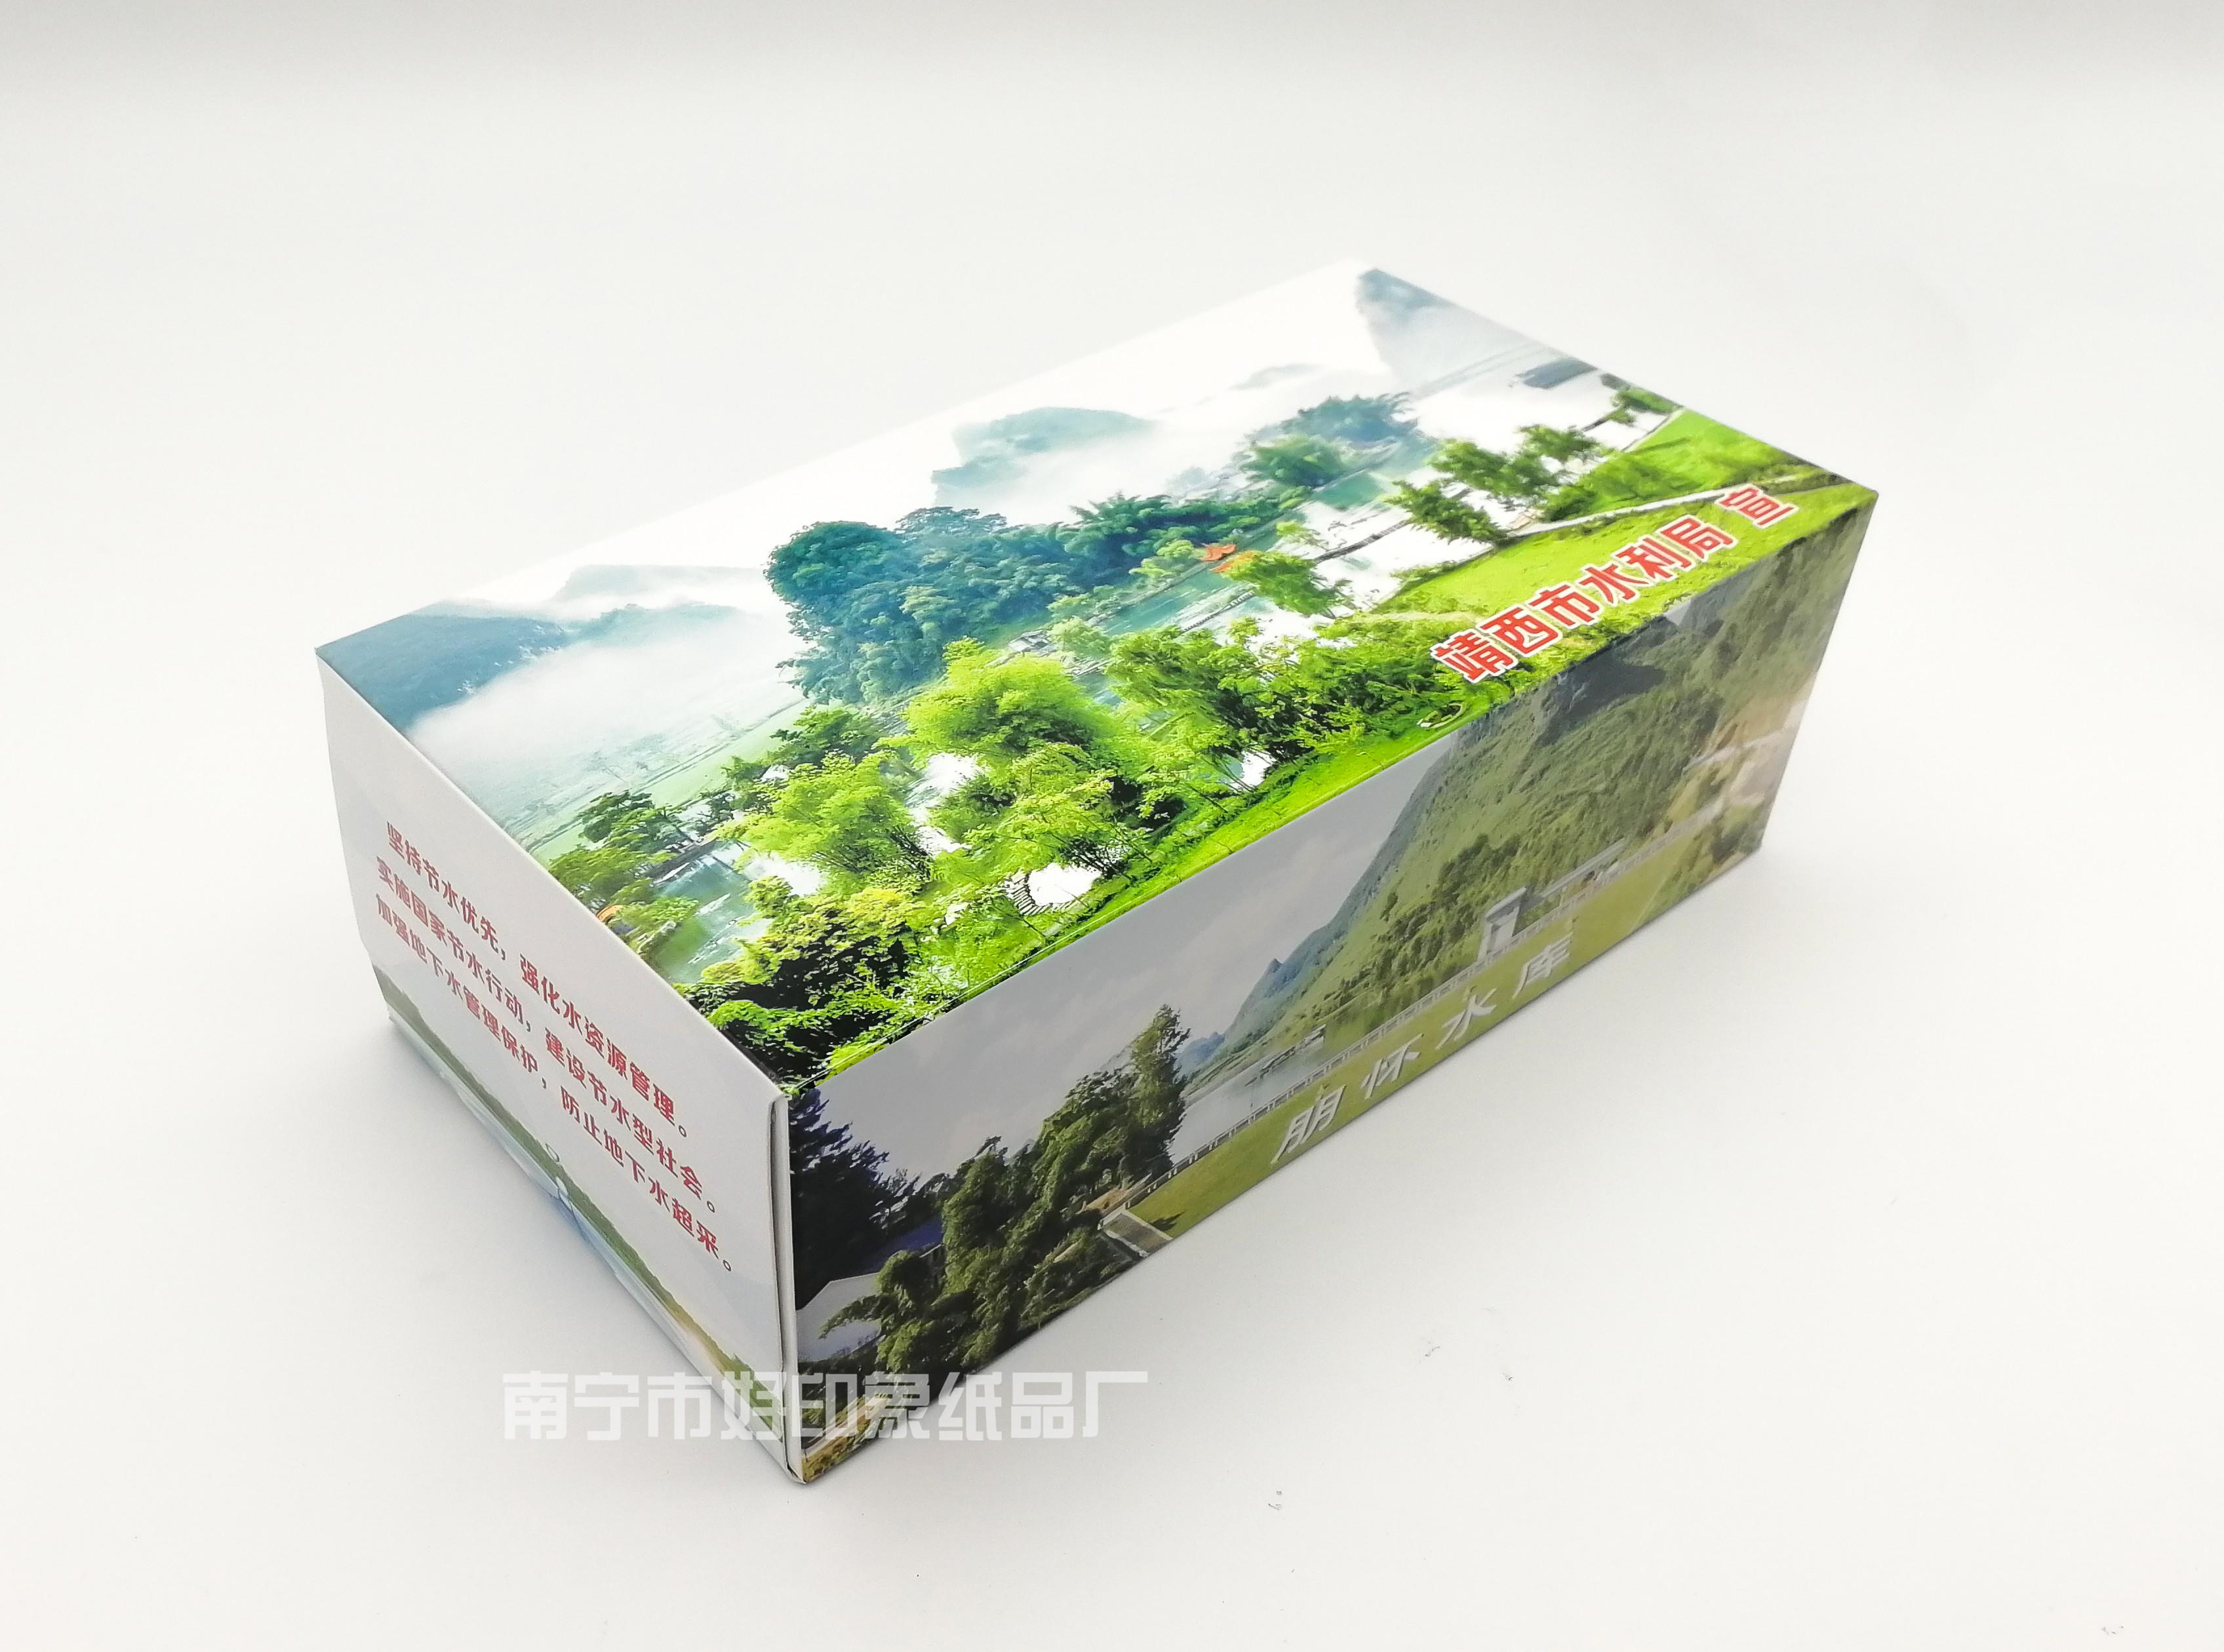 百色广告盒抽纸定制—靖西市水利局